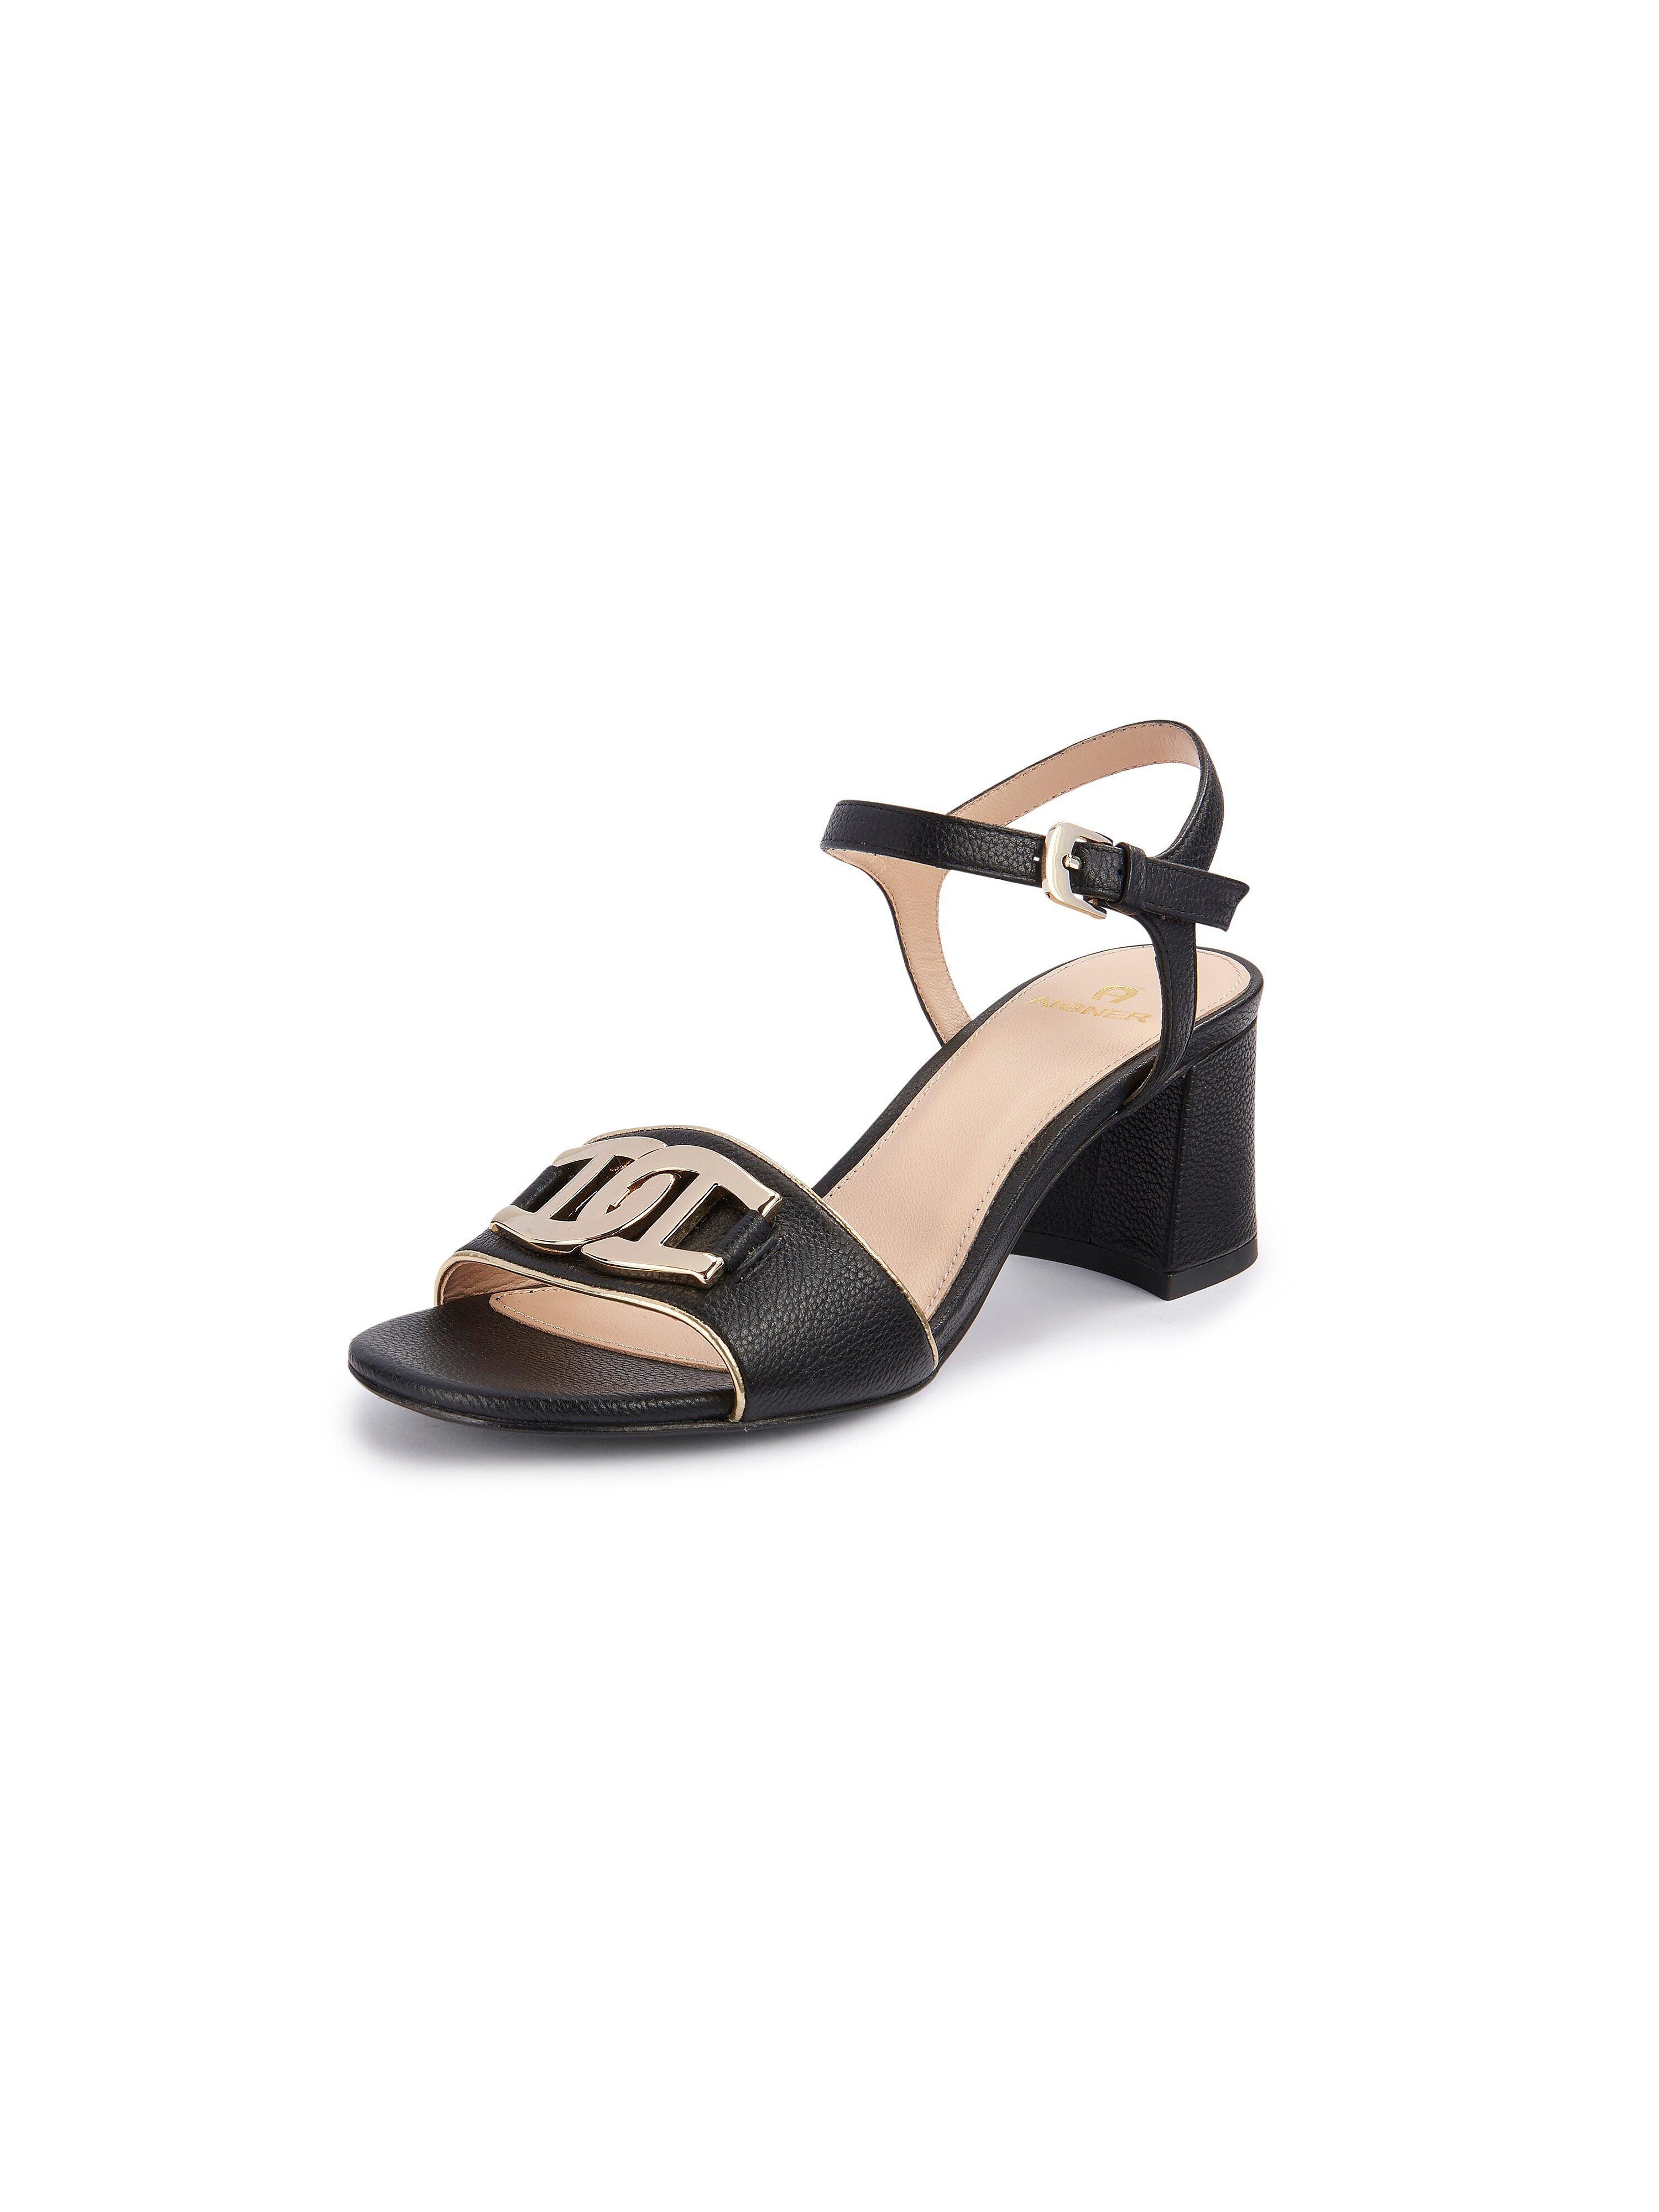 Sandalen model Grazia Van Aigner zwart